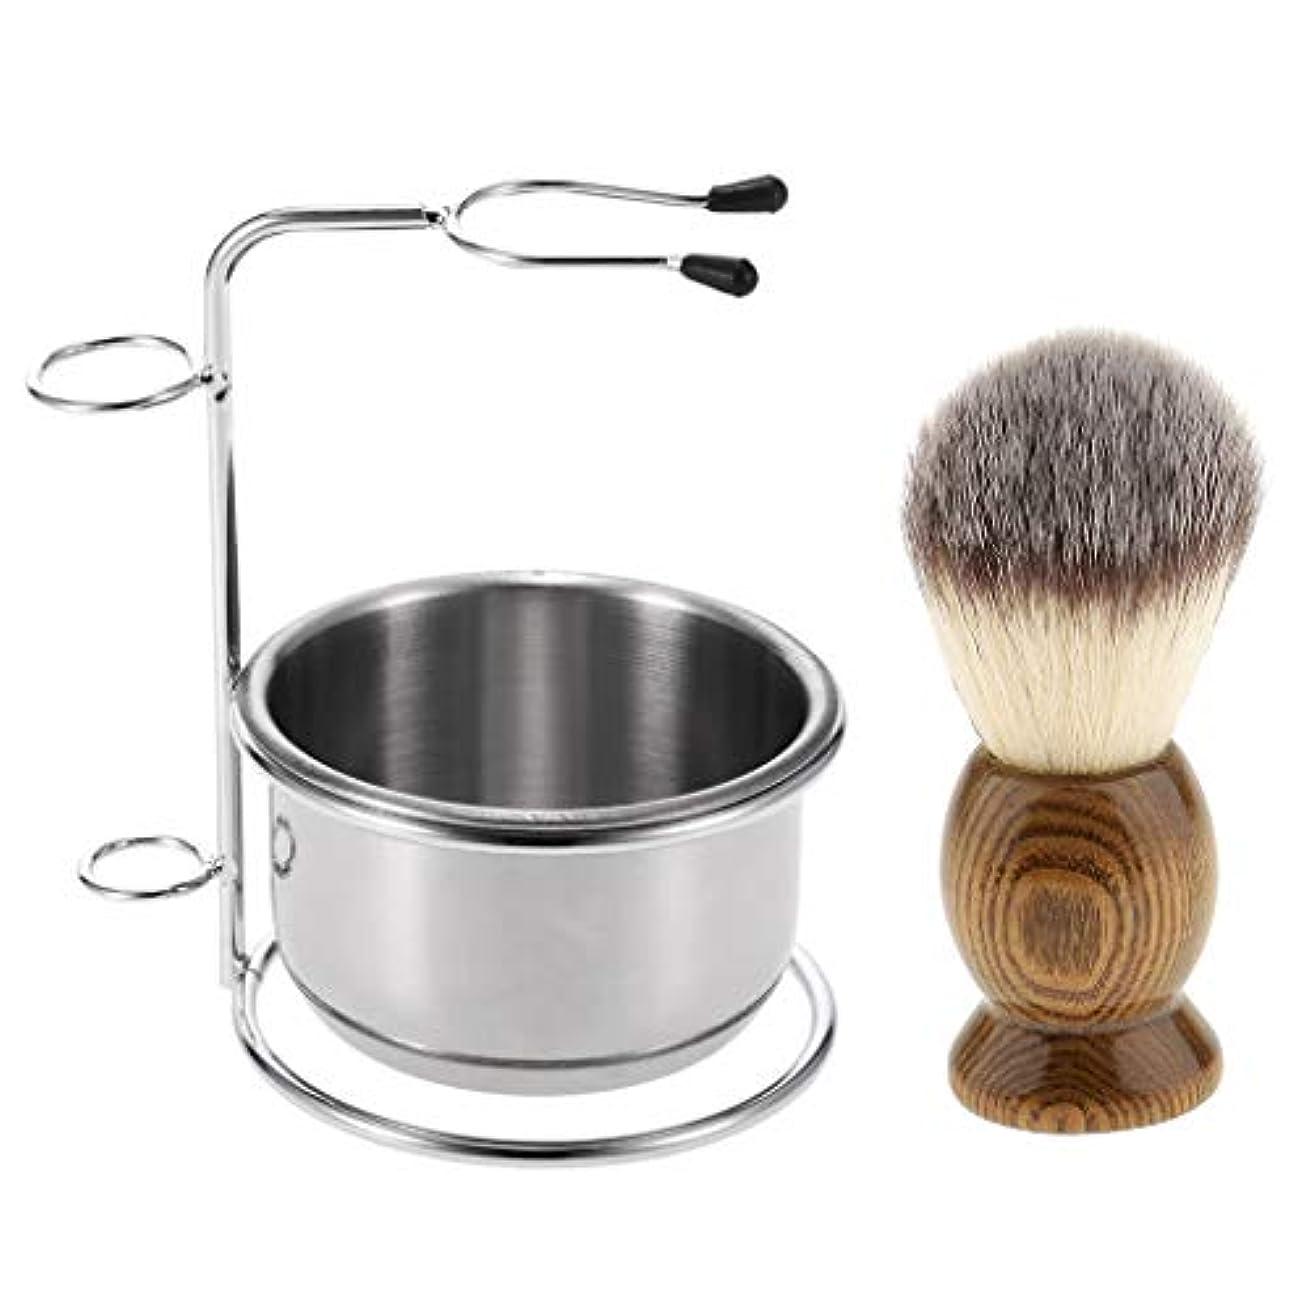 優遇多分類推Hellery 金属製ボウル シェービングブラシ ブラシホルダー サロン 髭剃り シェービングキット 美容室ツール